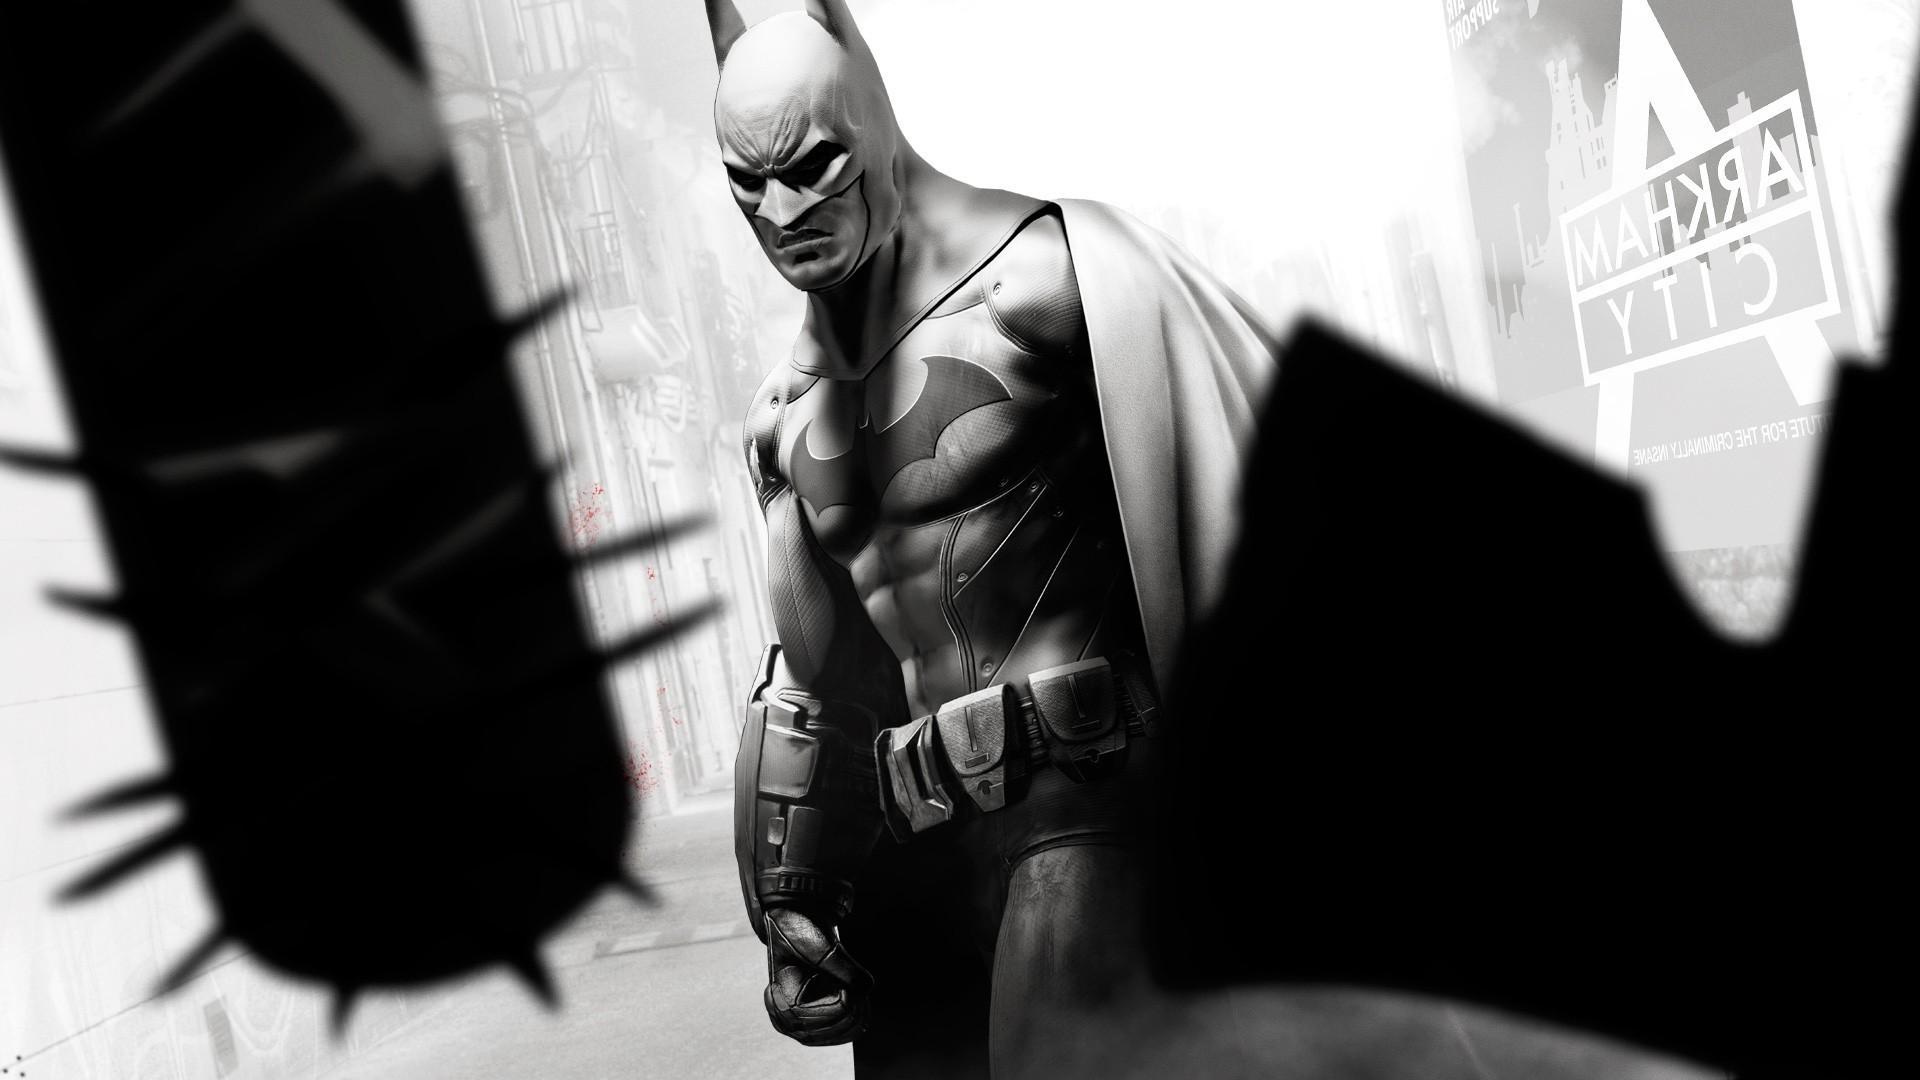 Batman, Batman: Arkham City, Bruce Wayne, Joker Wallpaper